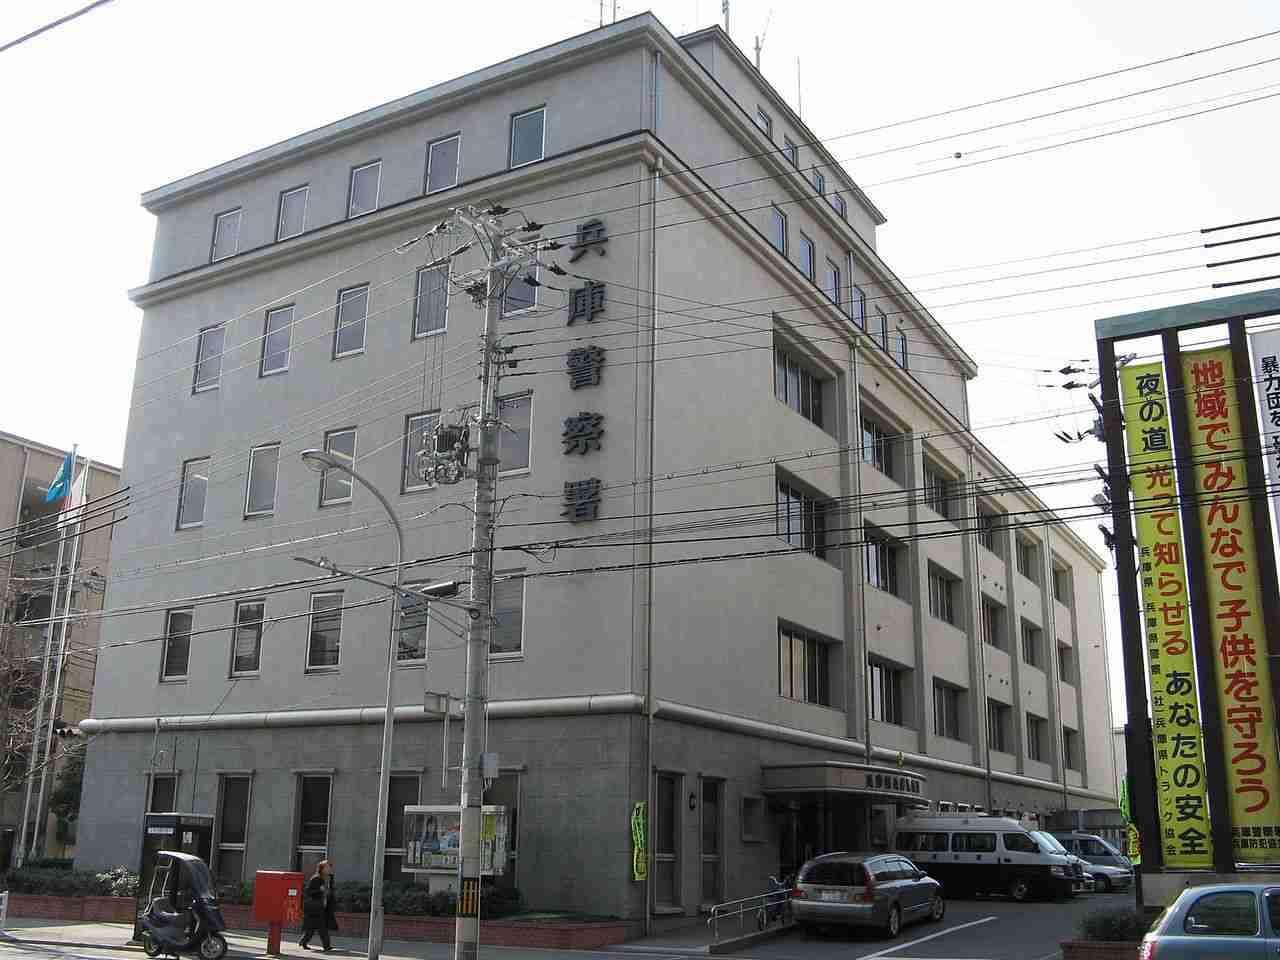 警部と巡査、署内で性行為…勤務中に「気持ちが盛り上がった」兵庫県警が処分